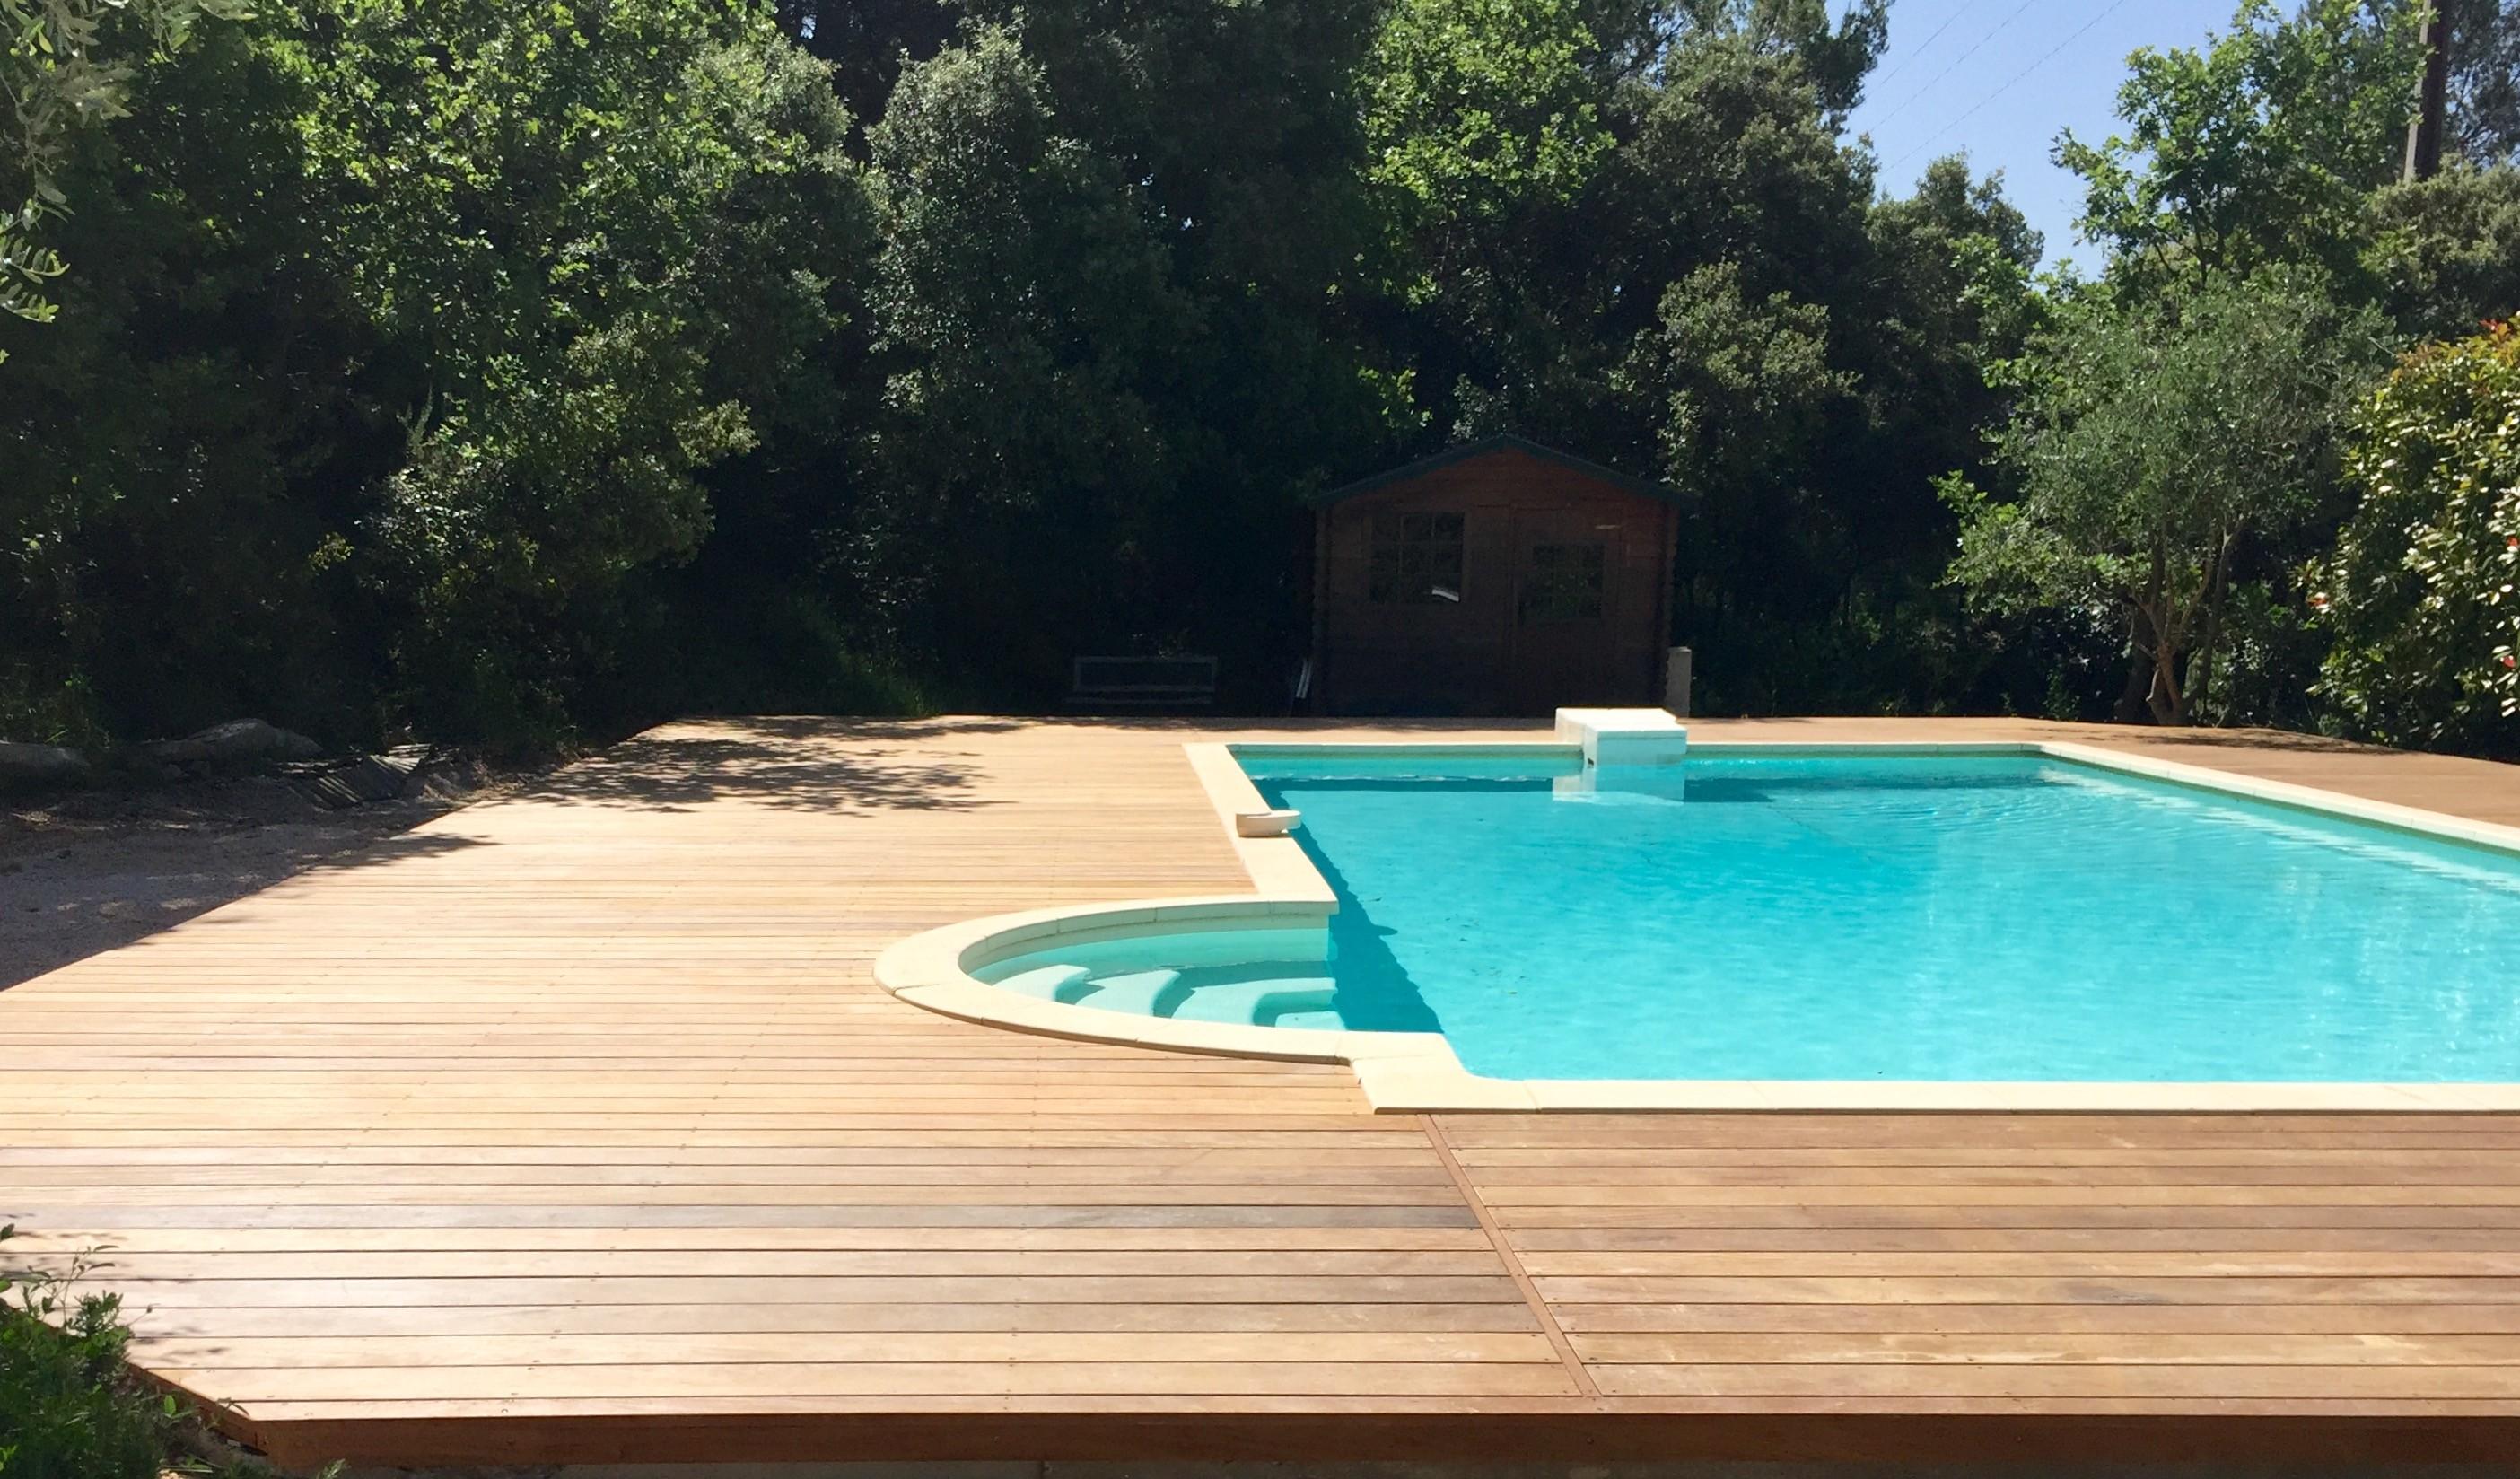 Agrandissement plage de piscine saint victoret - Amenagement piscine bois aixen provence ...